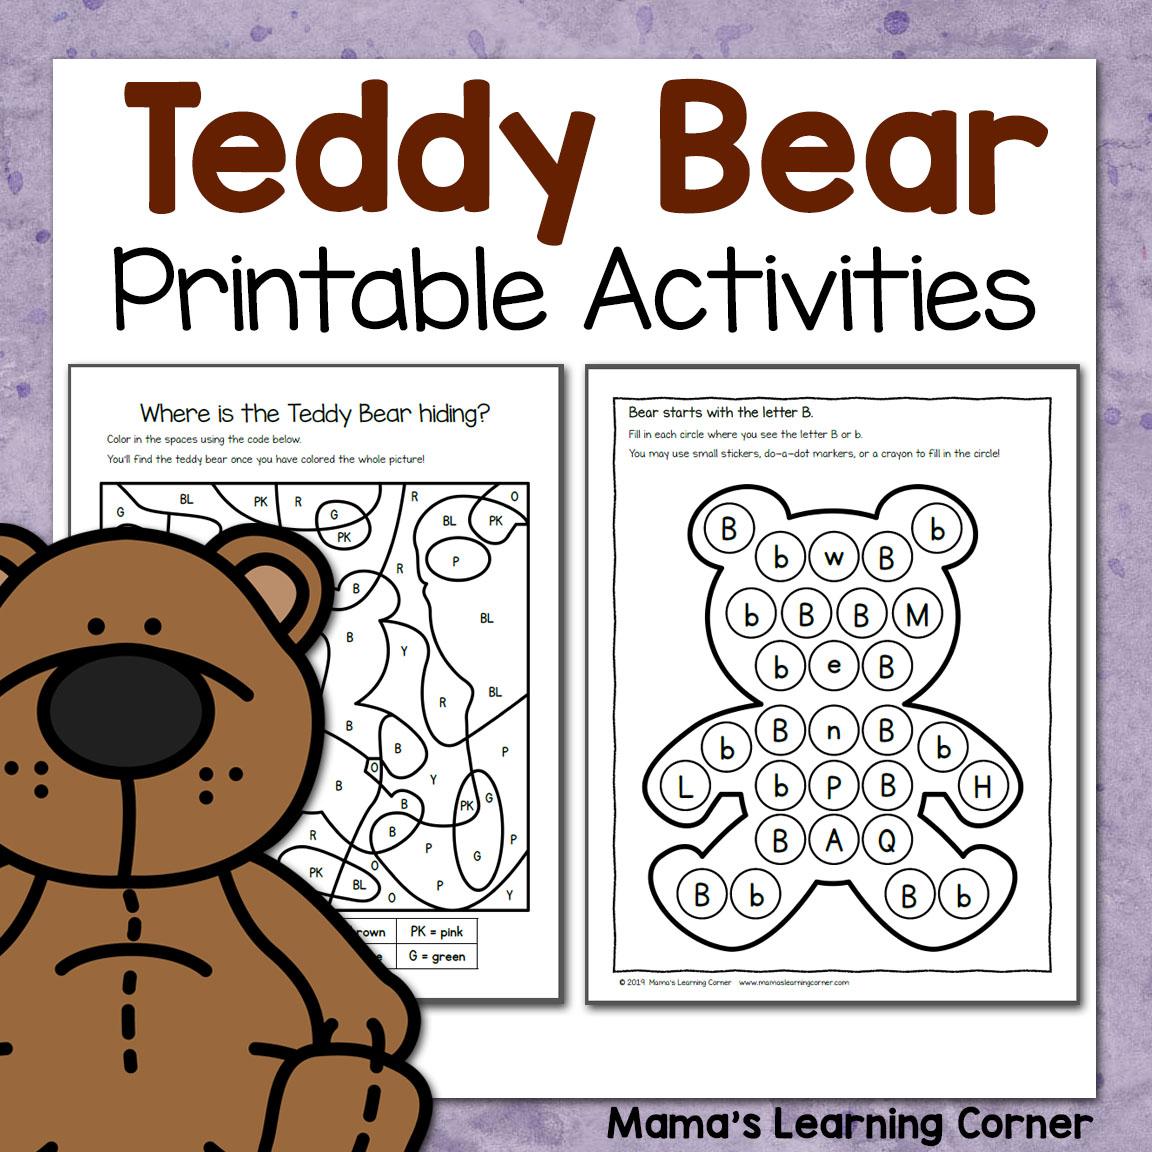 Teddy Bear Printable Activities